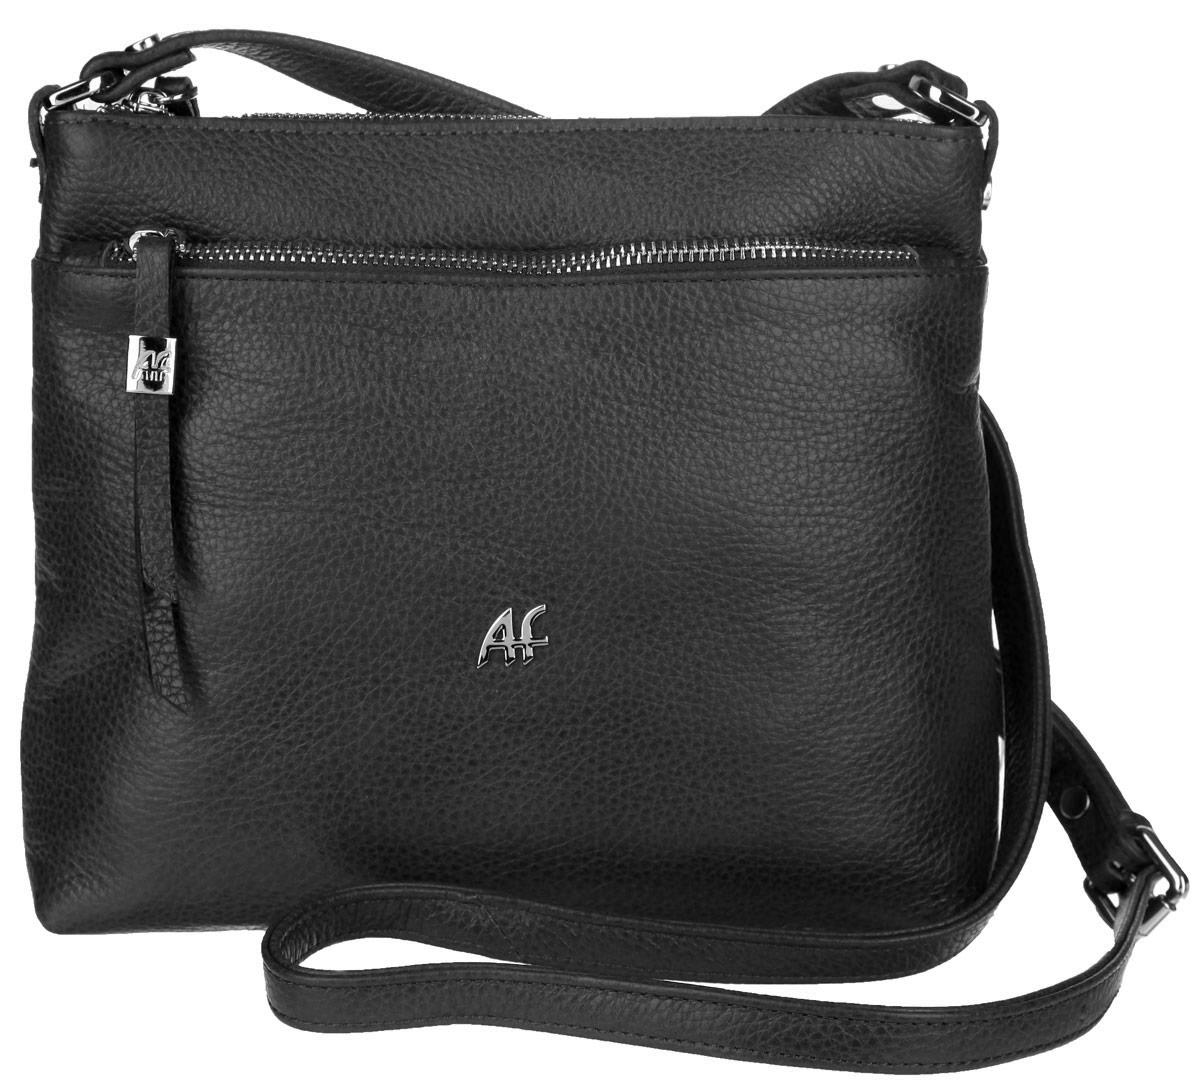 Сумка женская Afina, цвет: черный. 229229 ЧерныйИзысканная женская сумка Afina выполнена из натуральной качественной кожи с фактурным тиснением. Сумка имеет одно отделение, которое закрывается на застежку-молнию. Внутри находится прорезной кармашек на застежке-молнии и два накладных открытых кармашка. Снаружи, на передней стенке расположен накладной карман на застежке-молнии. На задней стенке предусмотрен дополнительный прорезной карман на застежке-молнии. Сумка оснащена плечевым ремнем, который регулируется по длине. В комплект входит фирменный пакет. Роскошная сумка внесет элегантные нотки в ваш образ и подчеркнет ваше отменное чувство стиля.